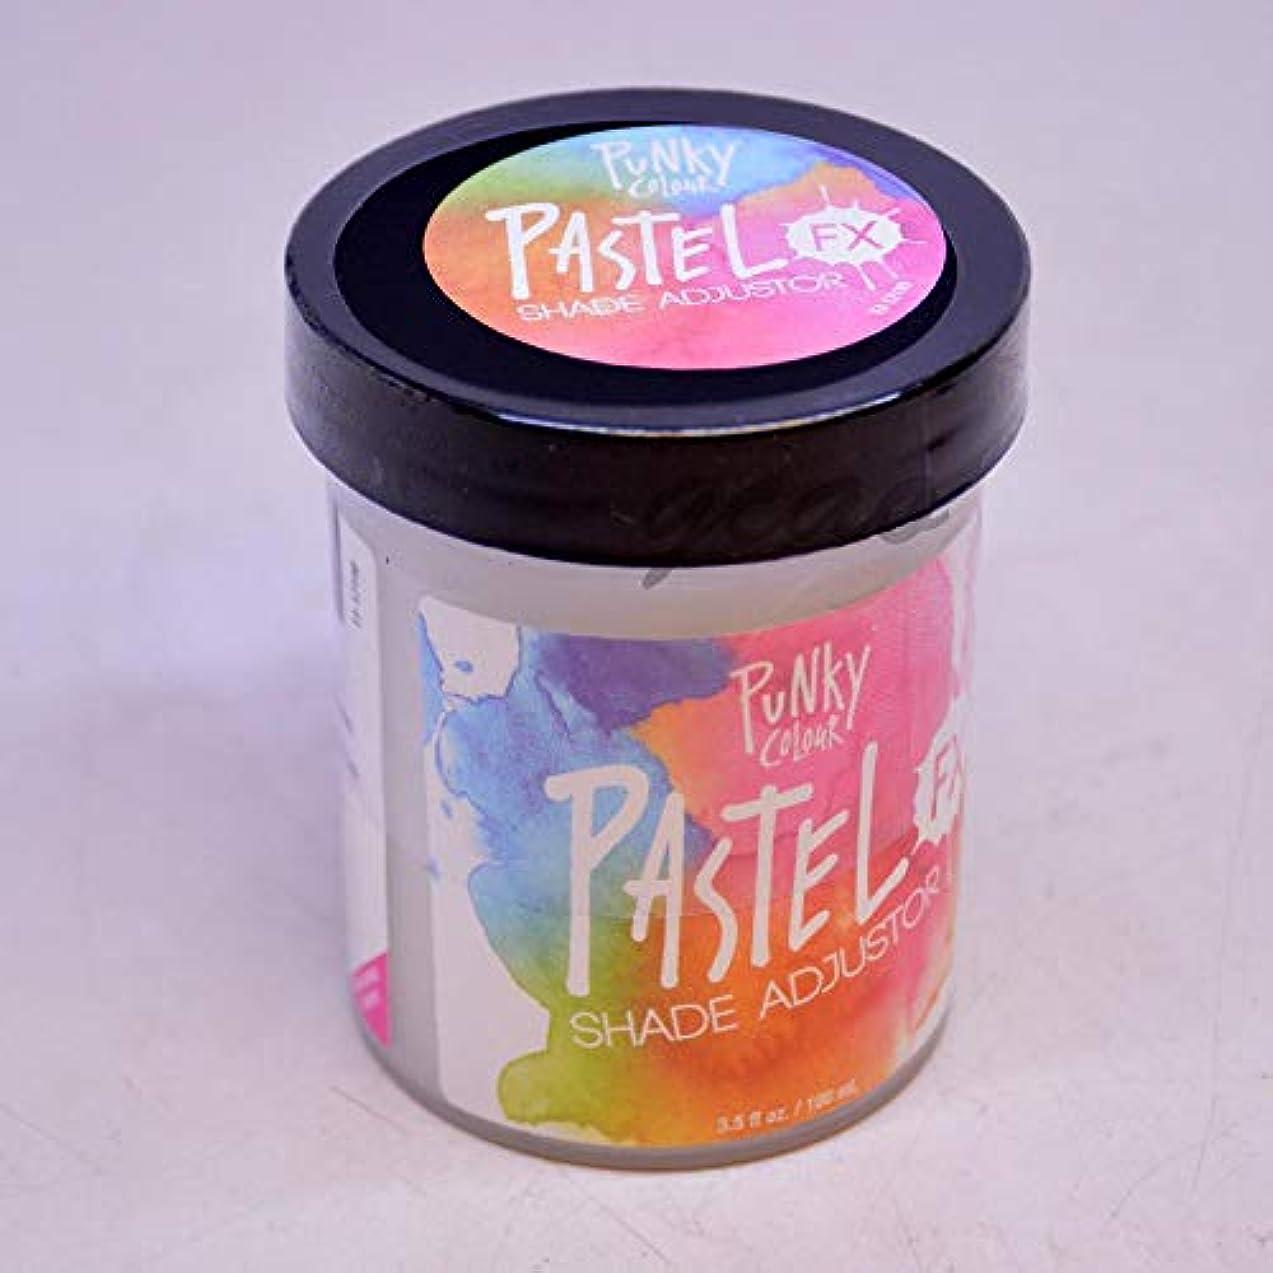 ヨーロッパイソギンチャクファウルJEROME RUSSELL Punky Color Semi-Permanent Conditioning Hair Color - Pastel FX Shade Adjuster (並行輸入品)